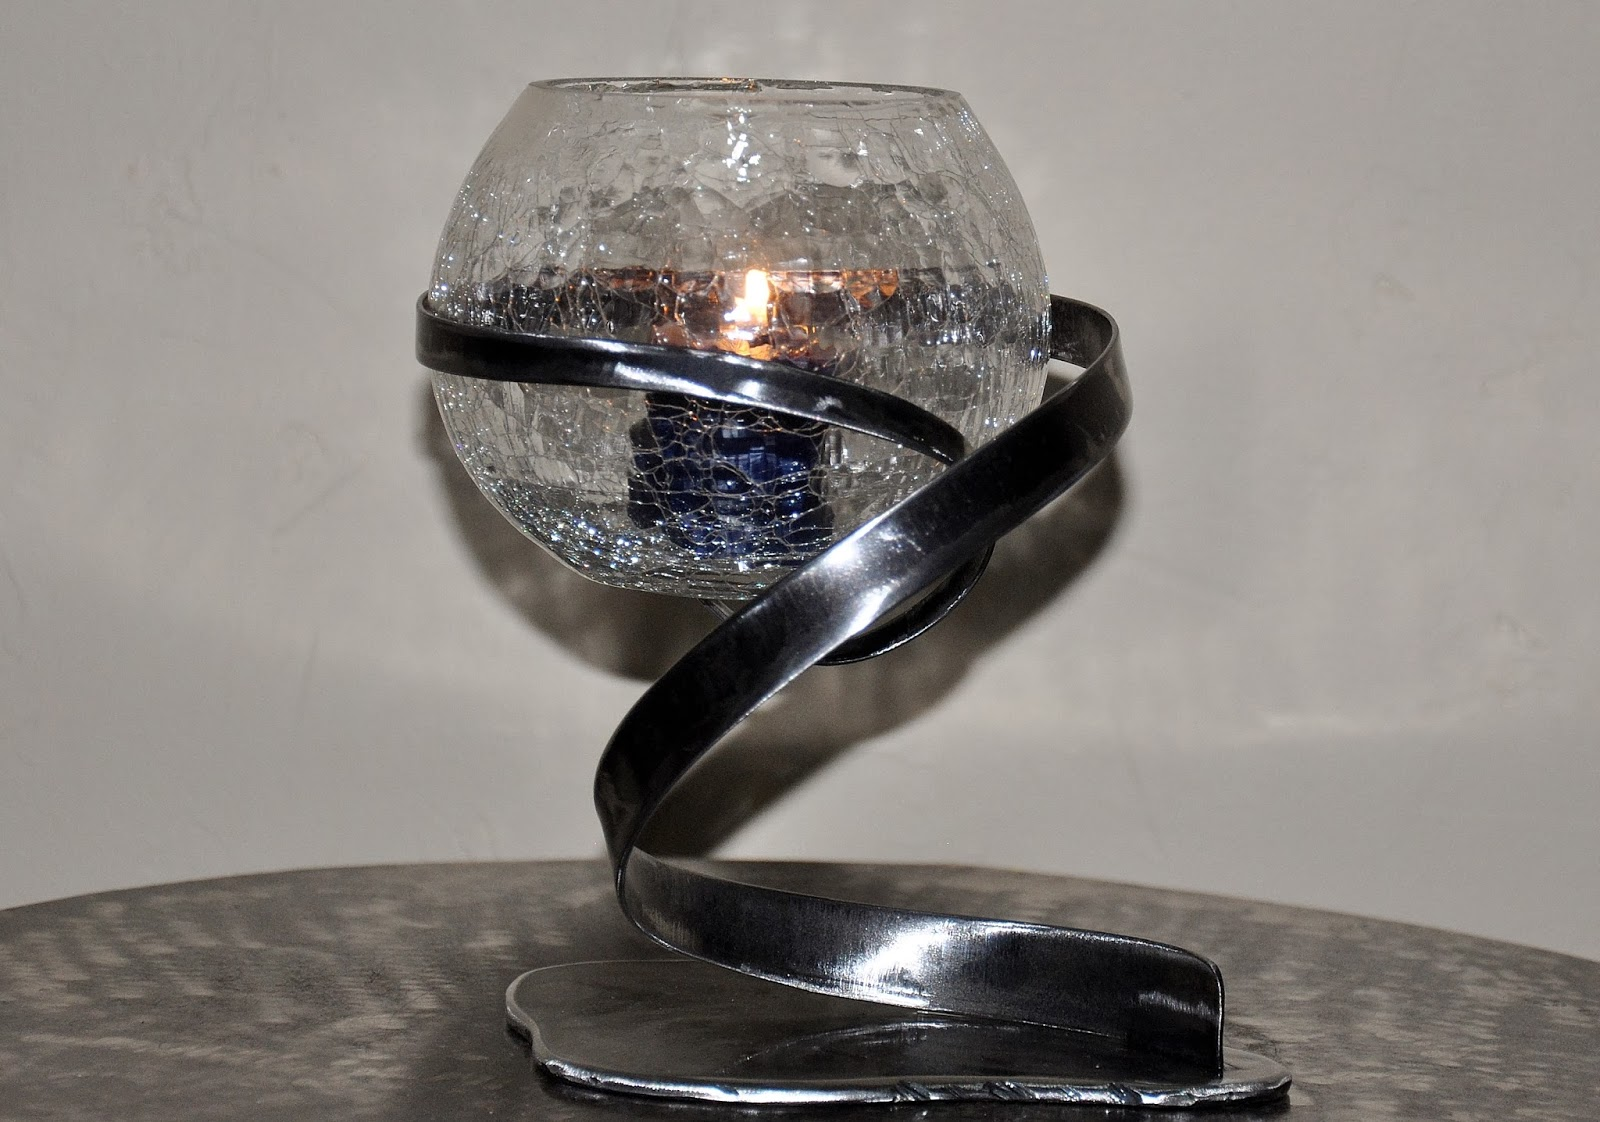 cr ateur d 39 objets d co en fer forg bougeoirs luminaires porte bouteille dans la s rie. Black Bedroom Furniture Sets. Home Design Ideas